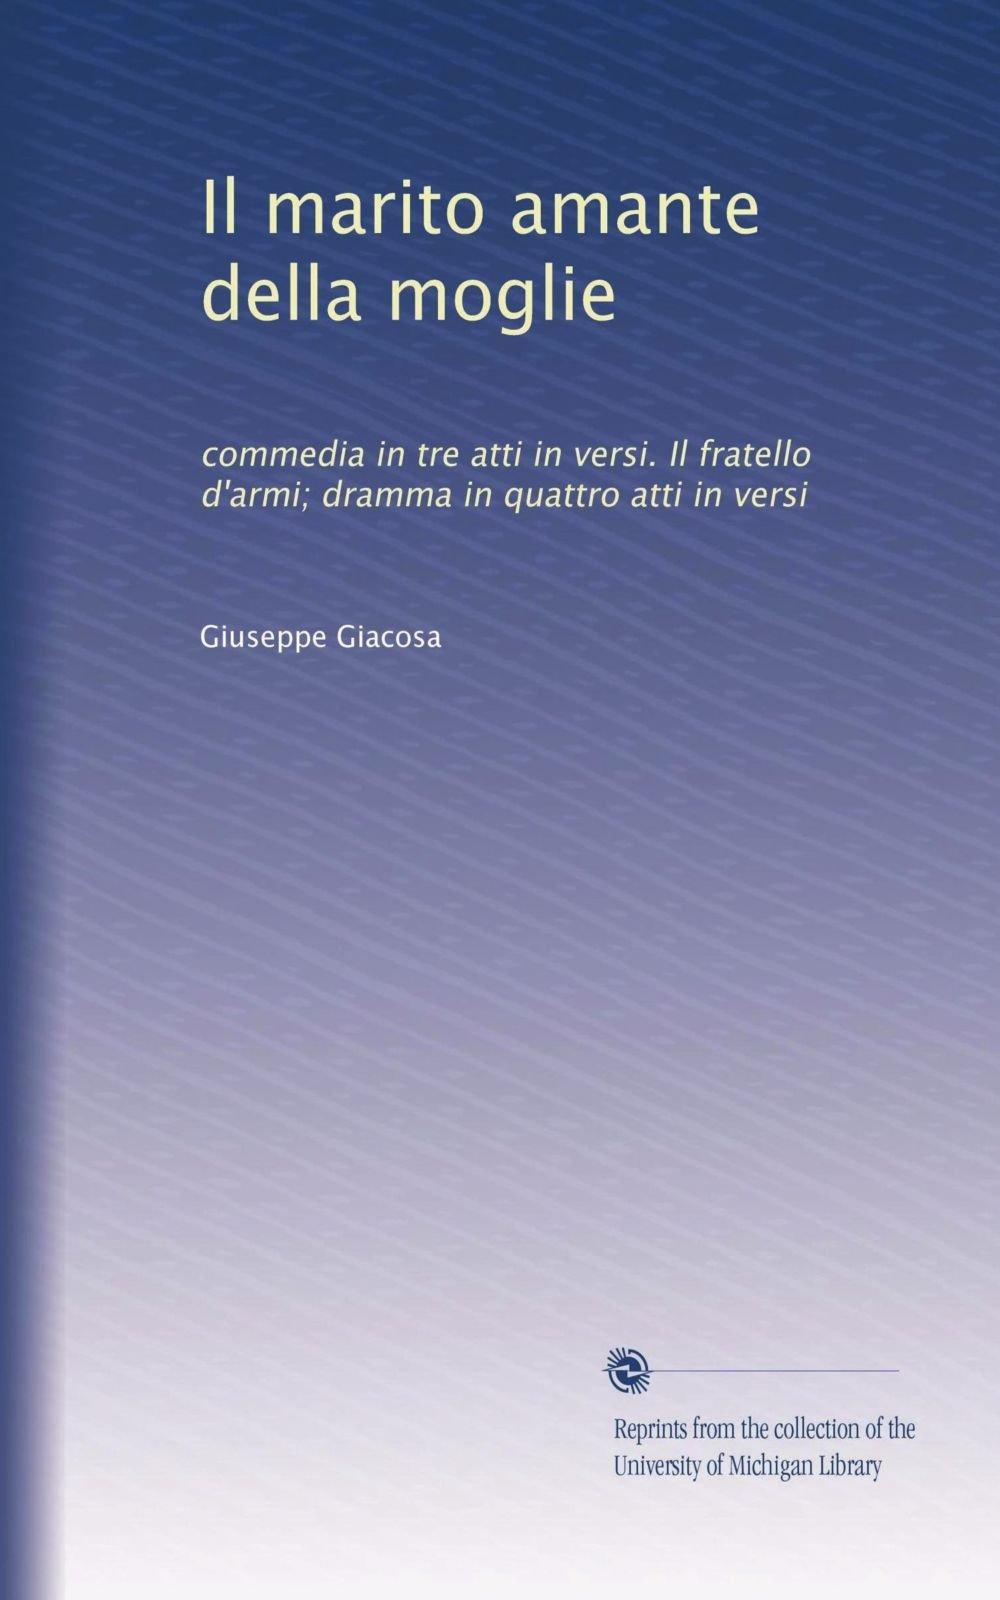 Download Il marito amante della moglie: commedia in tre atti in versi. Il fratello d'armi; dramma in quattro atti in versi (Italian Edition) pdf epub